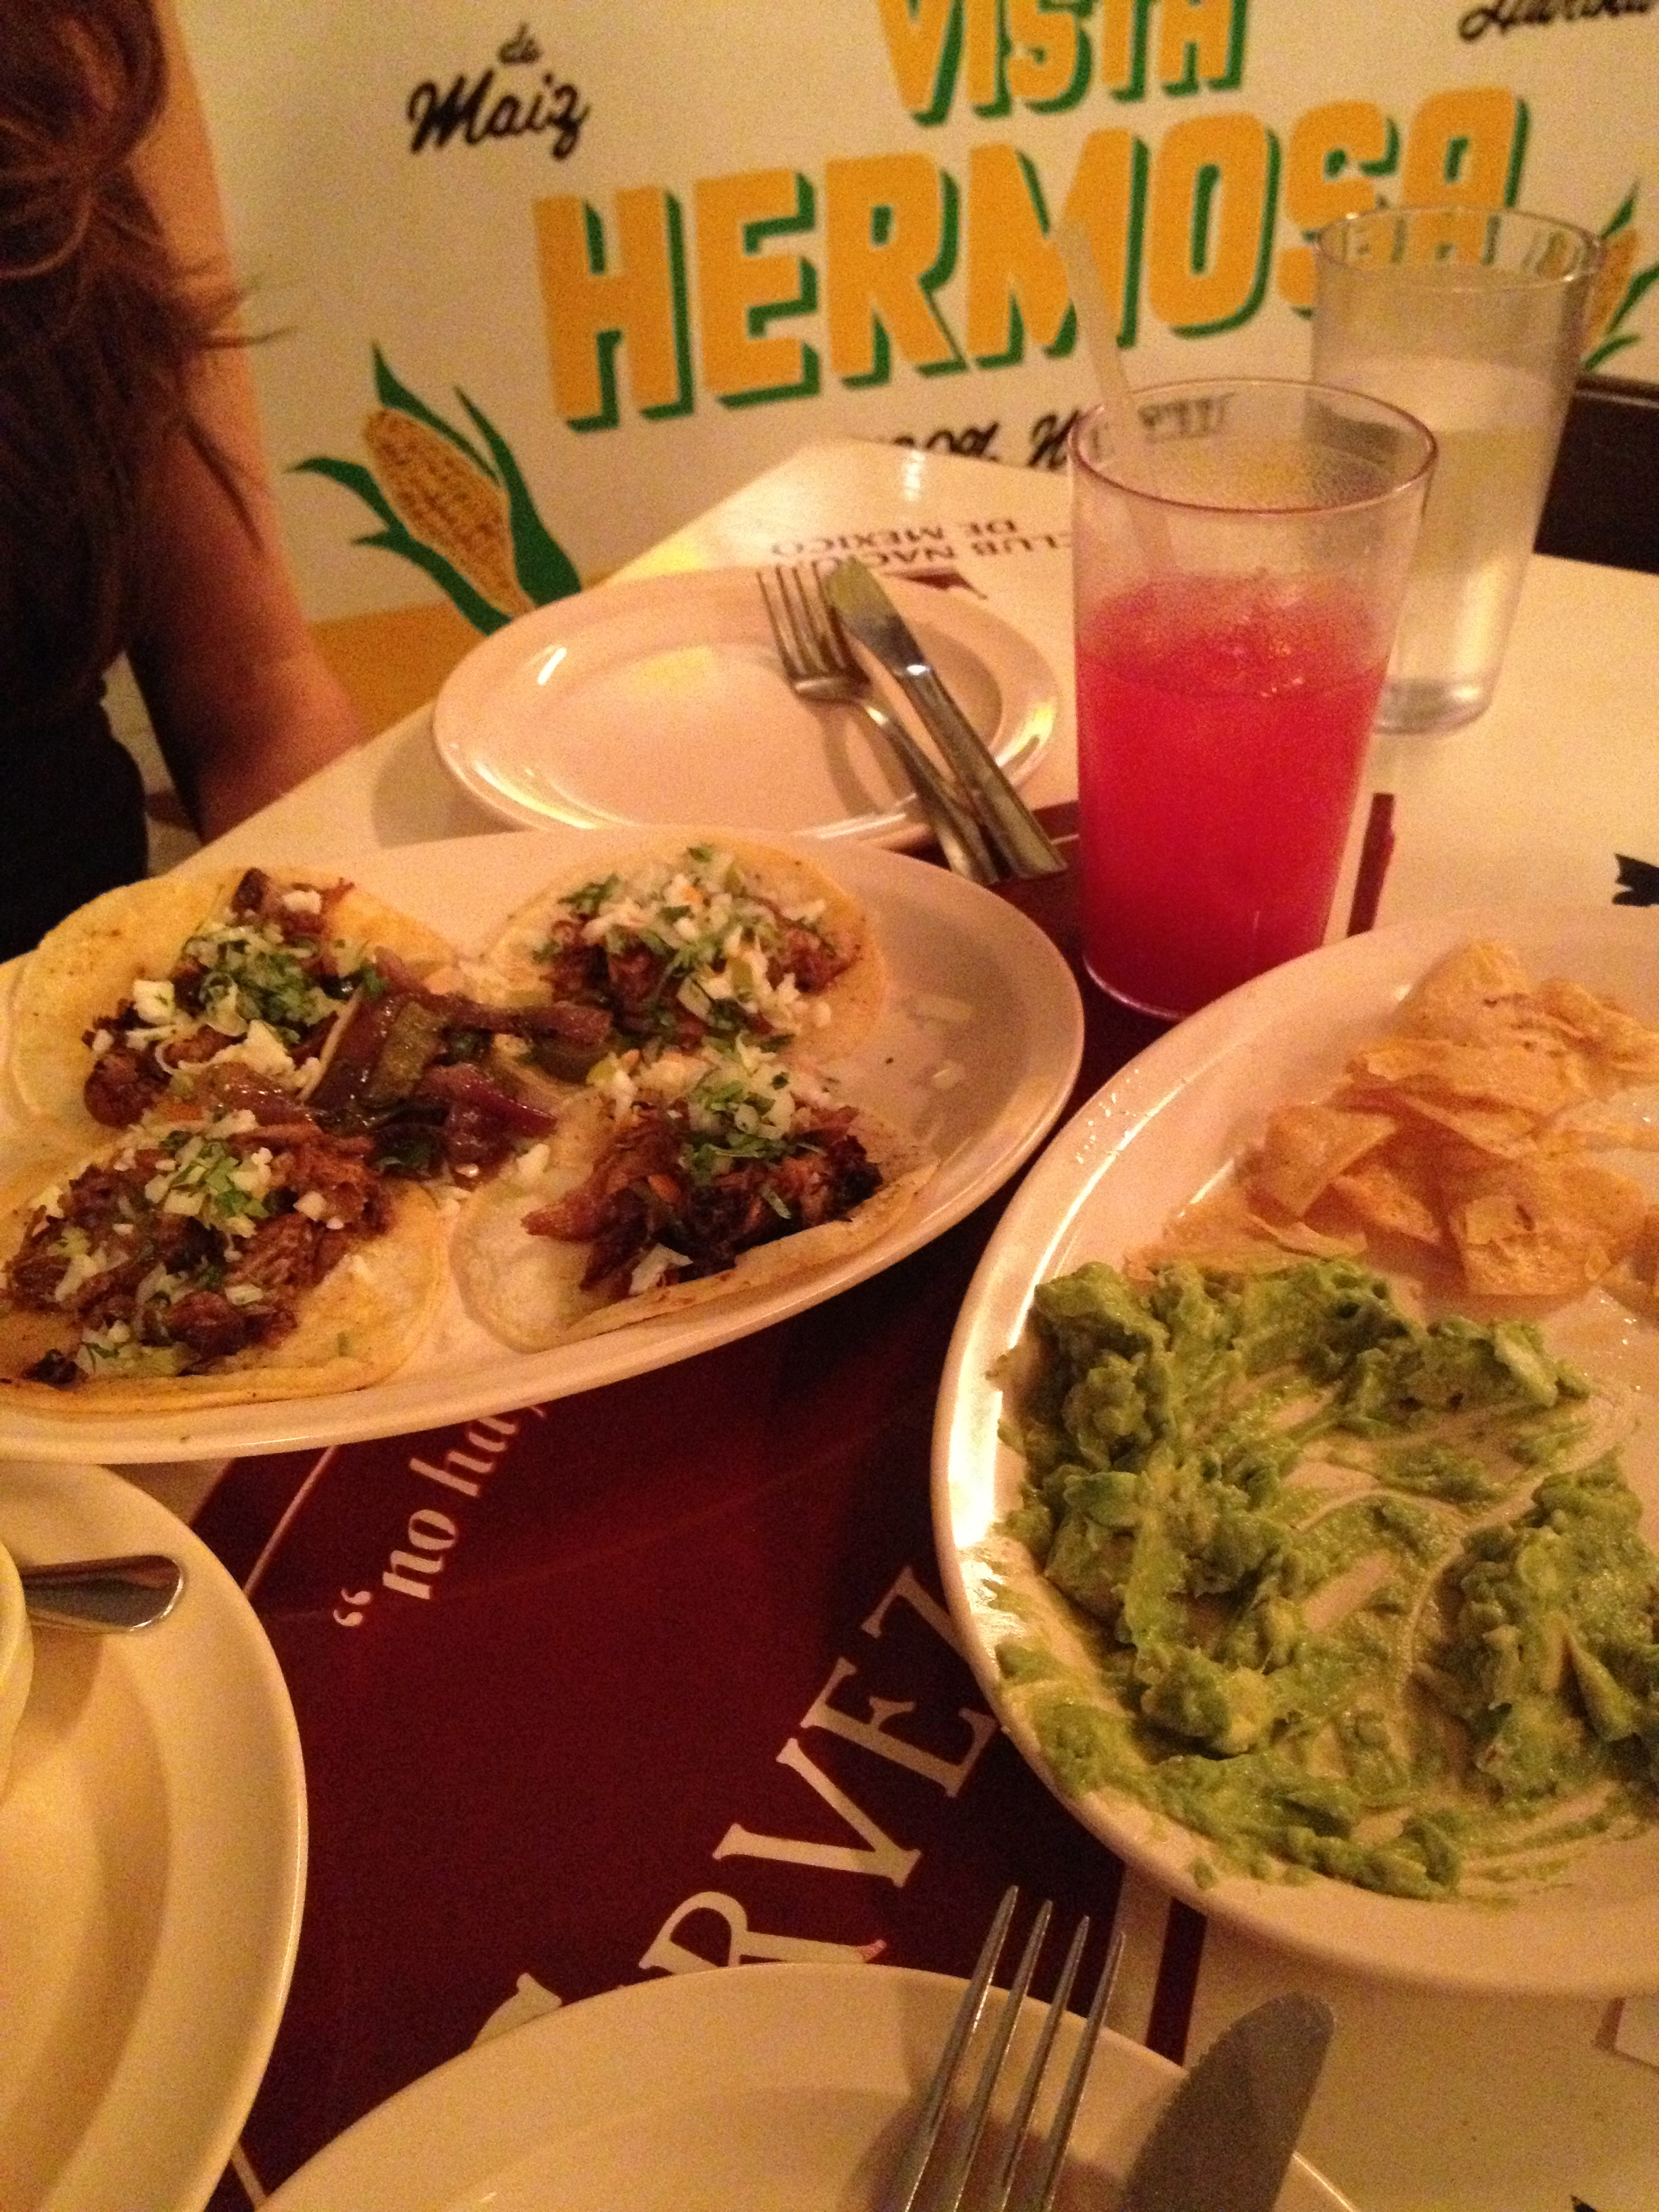 El Presidente NYC Review - Tacos & Guac